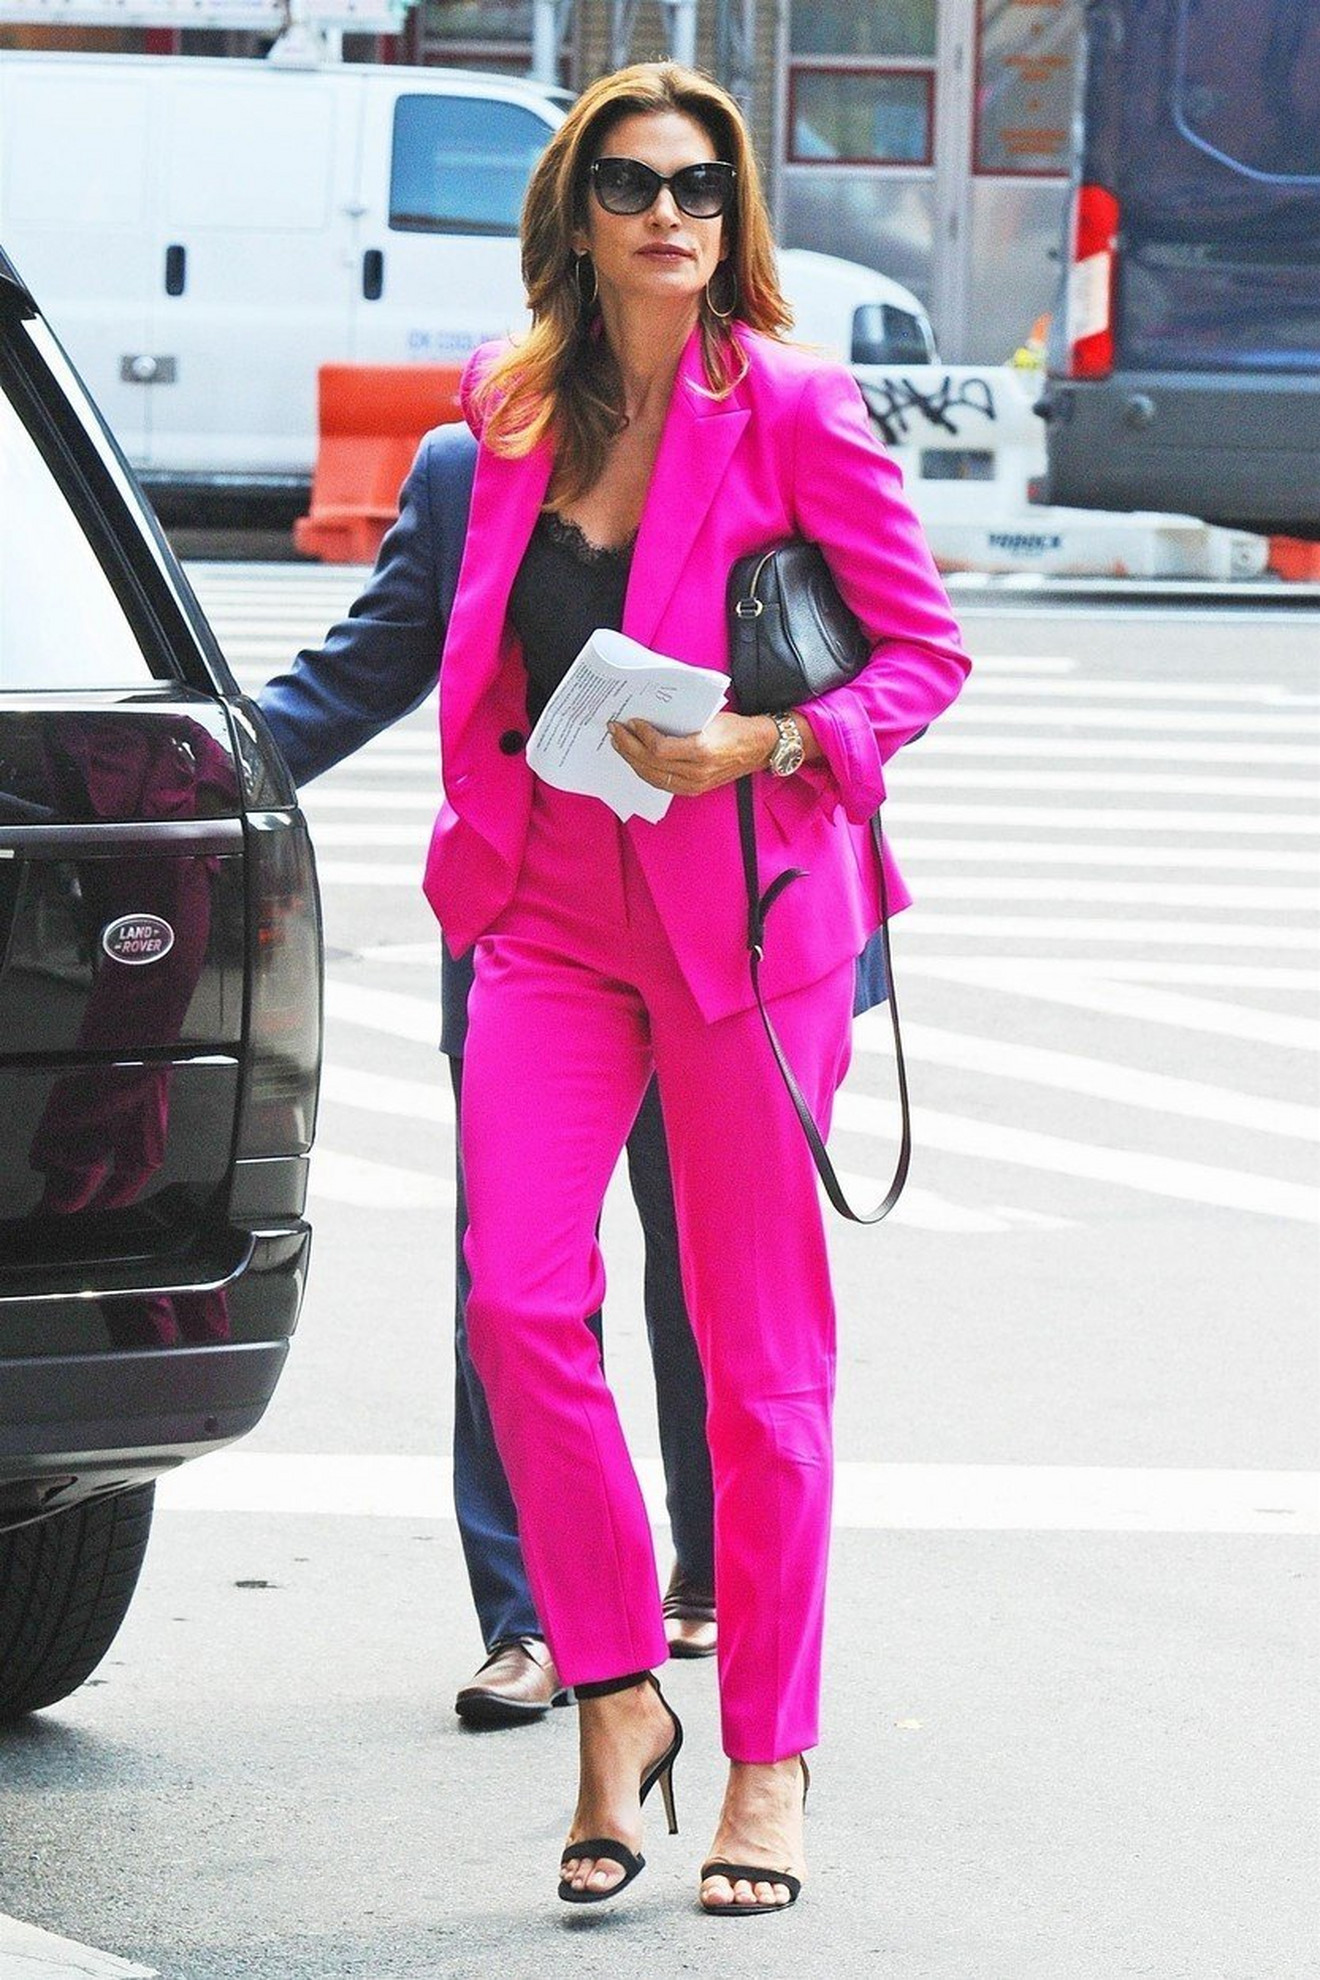 Ženska odela - Sindi Kraford